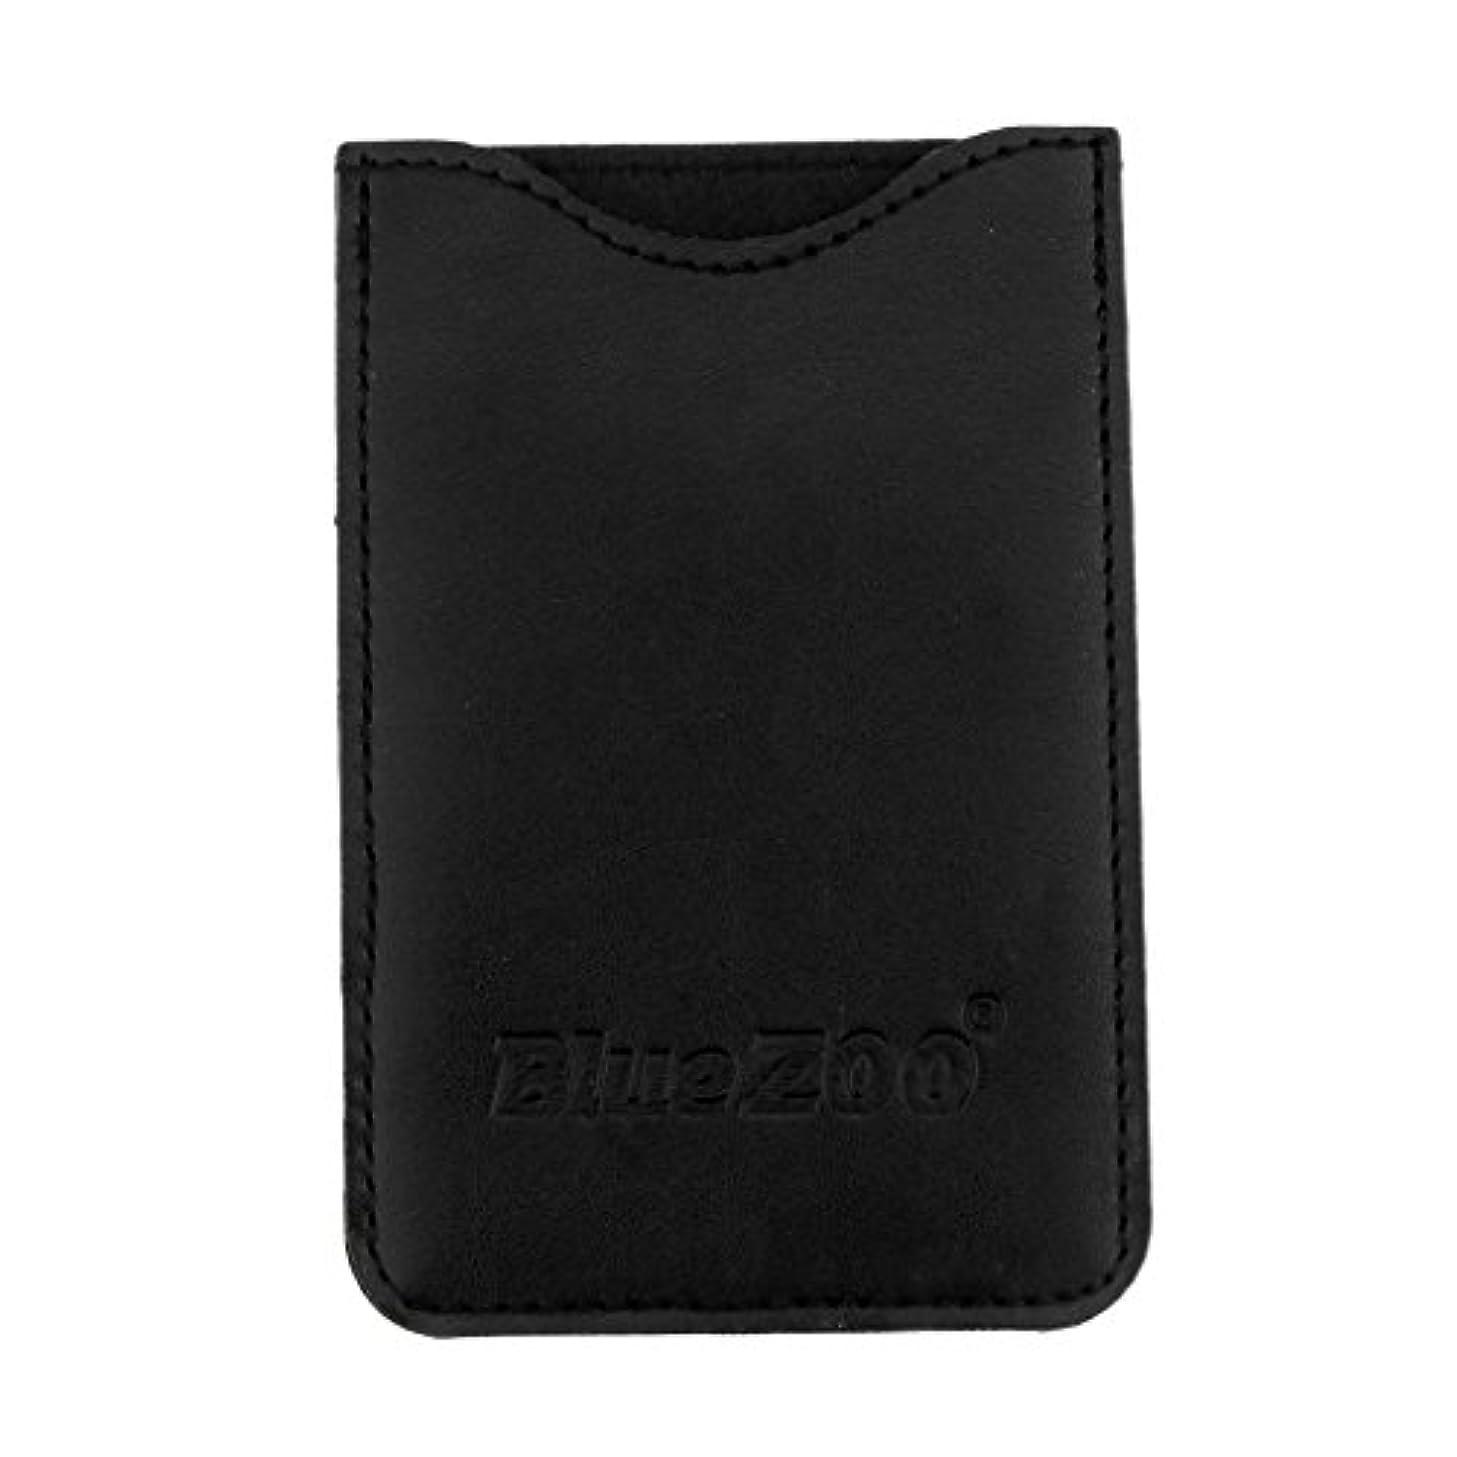 ジャーナリスト利用可能チチカカ湖Toygogo PUレザー ポケット コームバッグ 櫛バッグ 収納パック 保護カバー 柔らかい 全2色 - ブラック